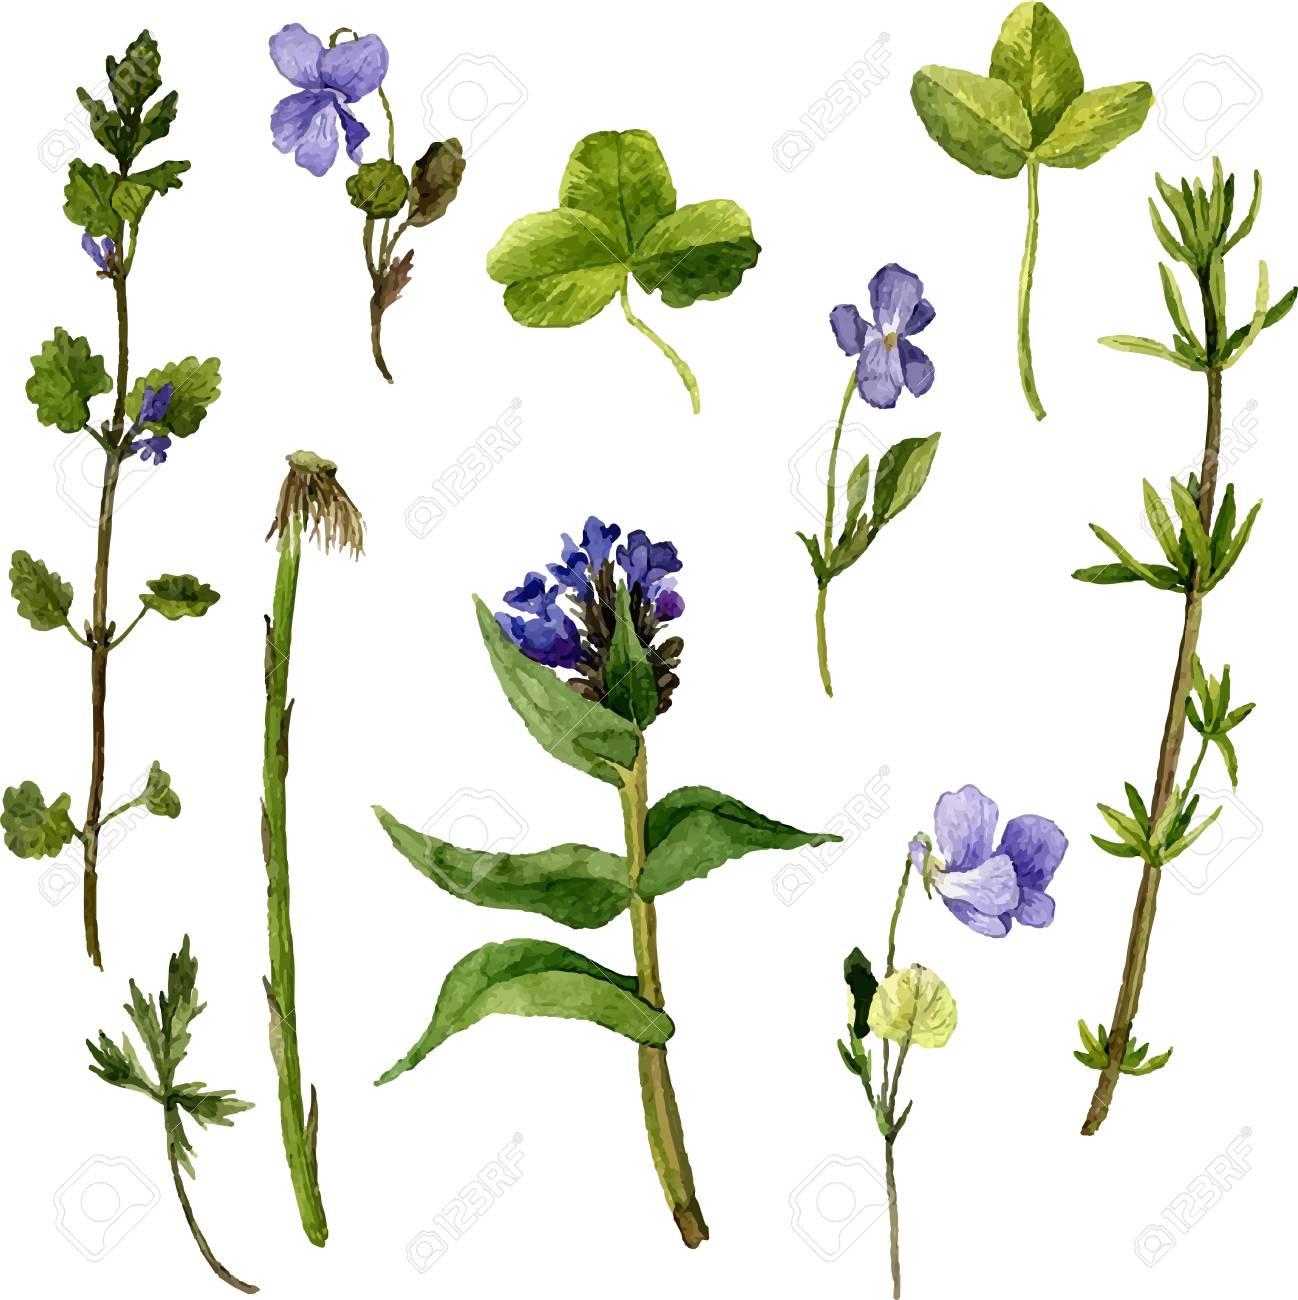 Vektor-Set Von Aquarell Wilden Blumen, Kräuter Und Blätter, Gemalt ...